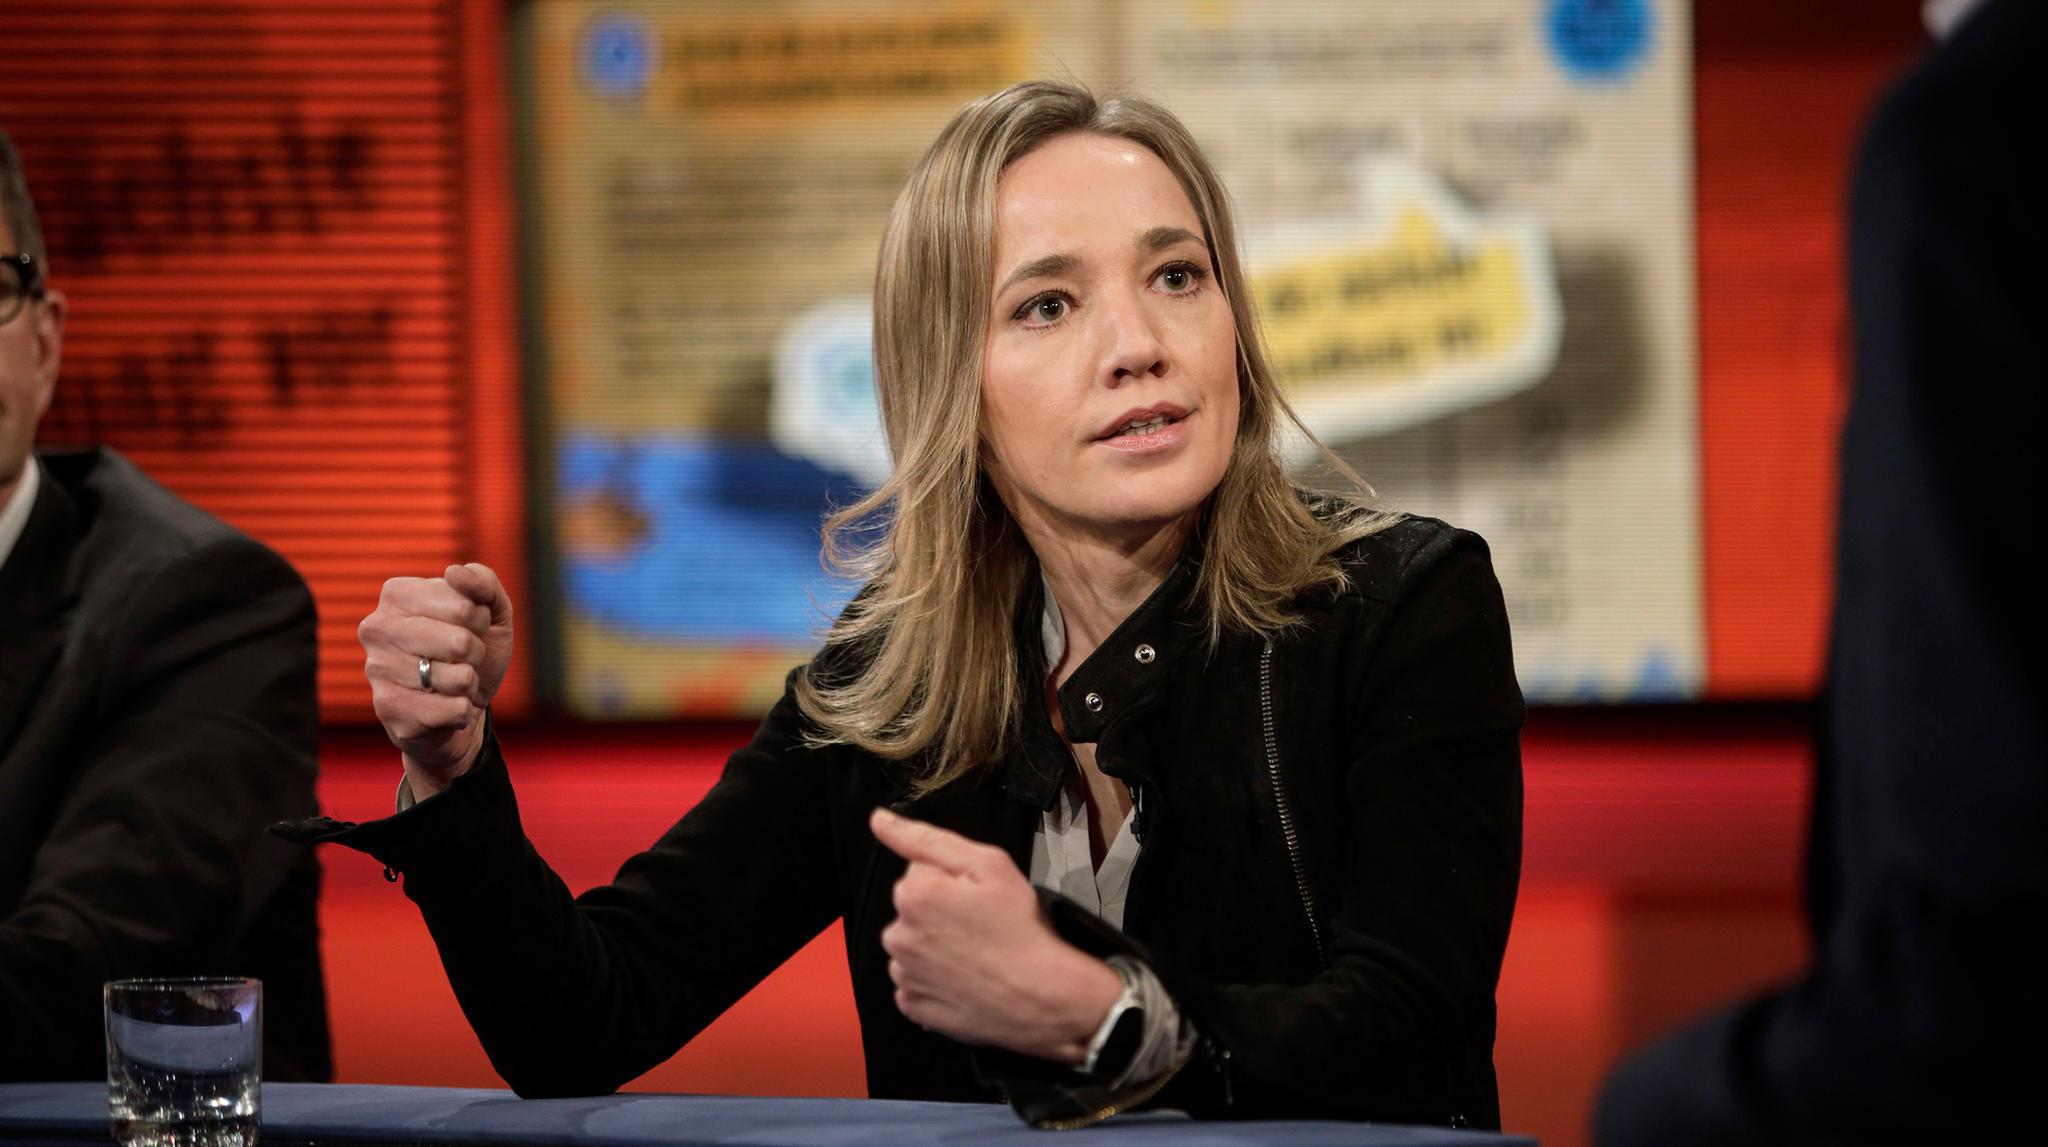 """ARD-Talk """"Hart aber fair"""": Warum sich Ex-Familienministerin Schröder über ungleiche Bezahlung nicht beschwert"""